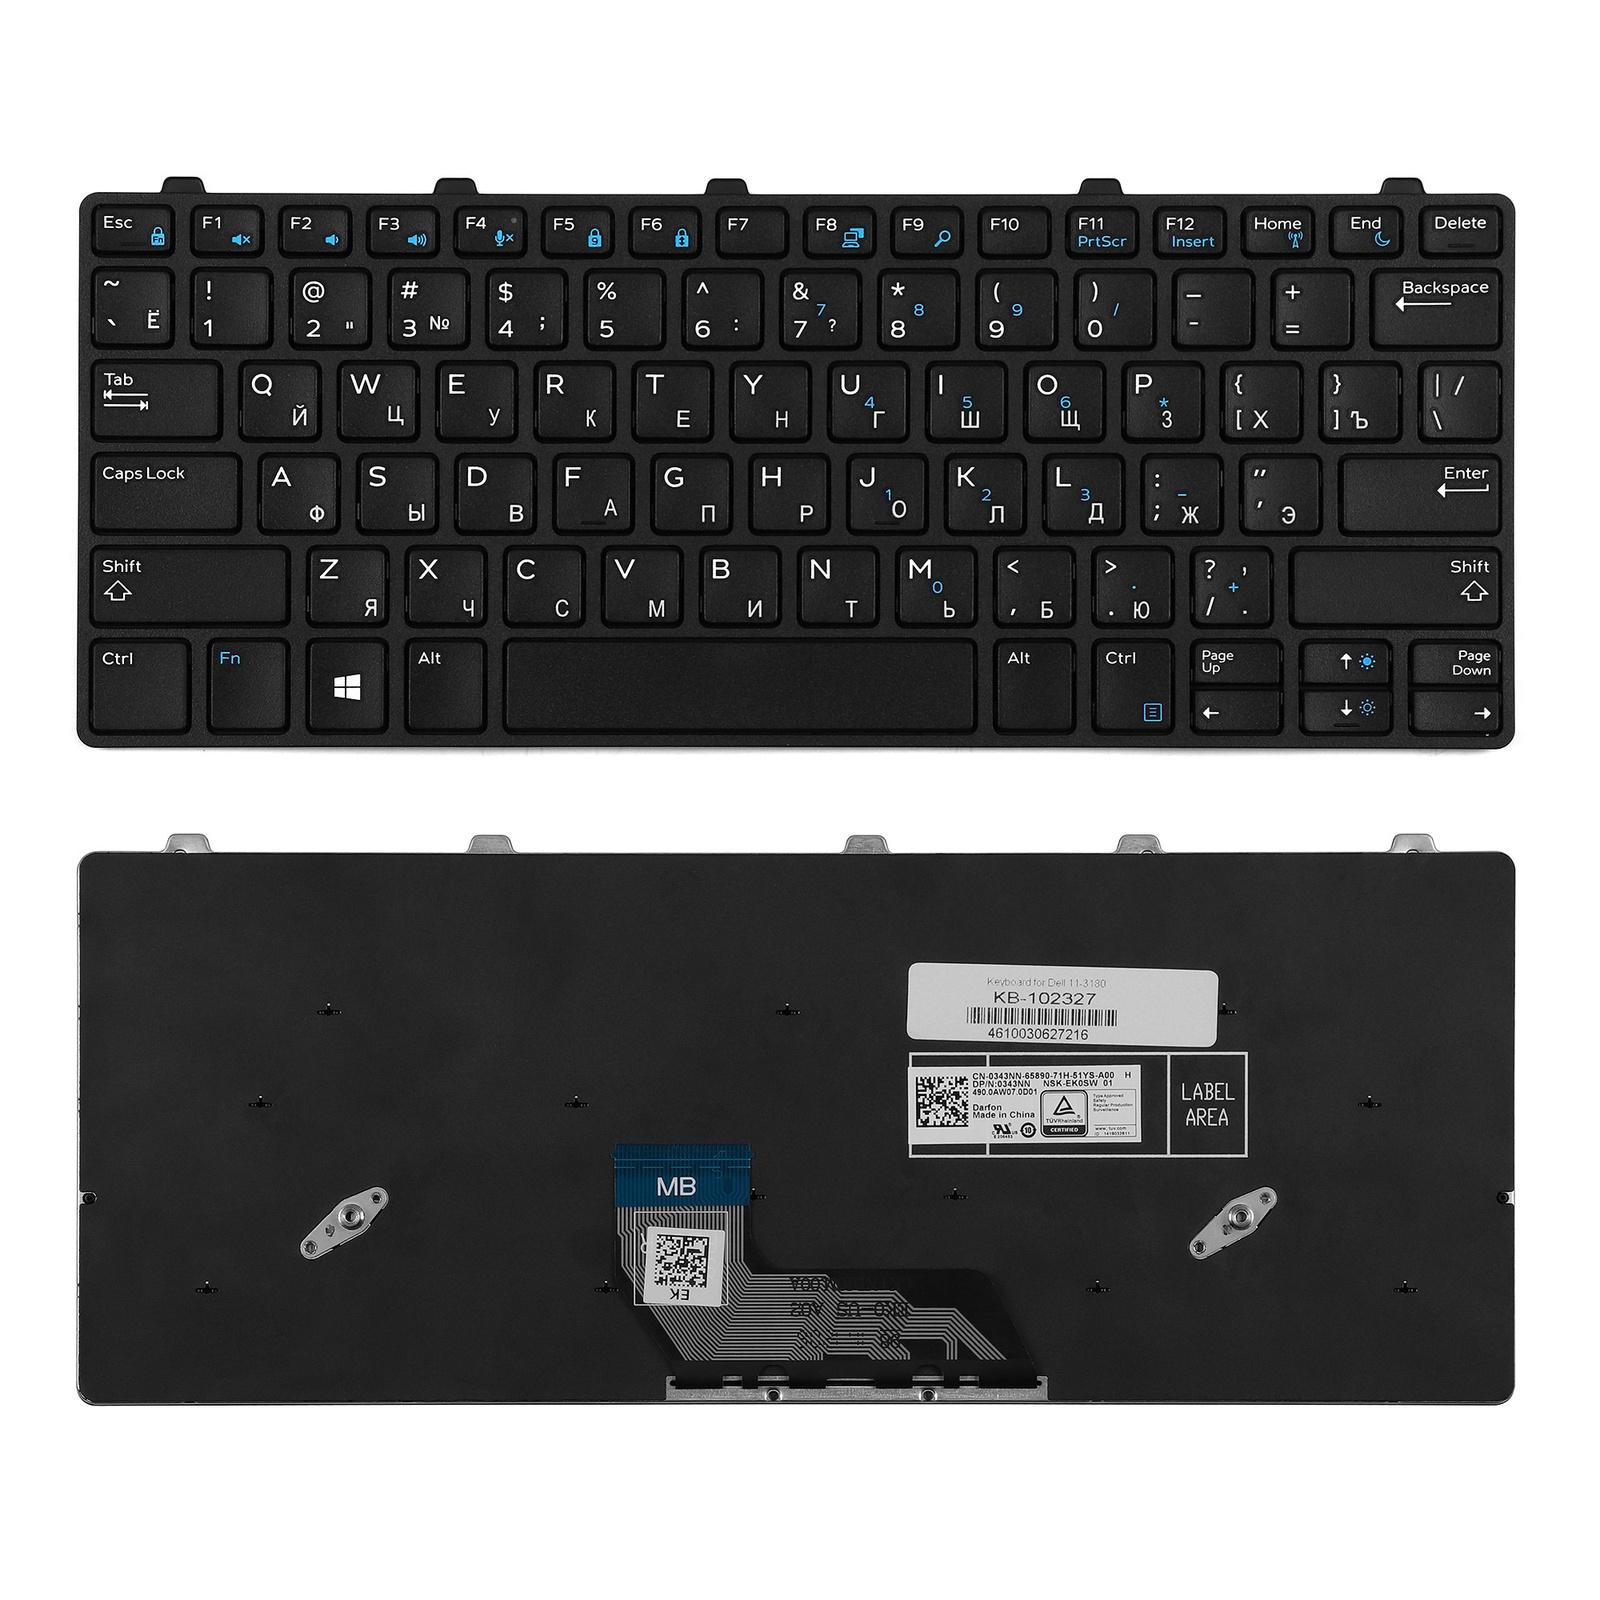 Клавиатура TopOn Dell Inspiron 11-3180, 3189 Series. Плоский Enter. С рамкой. PN: 5XVF4, HNXPM, PK131X23A00, KB-102327, черный клавиатура ноутбука для acer c720 3404 chromebook gr немецкий черный 9z nbrsc a0g